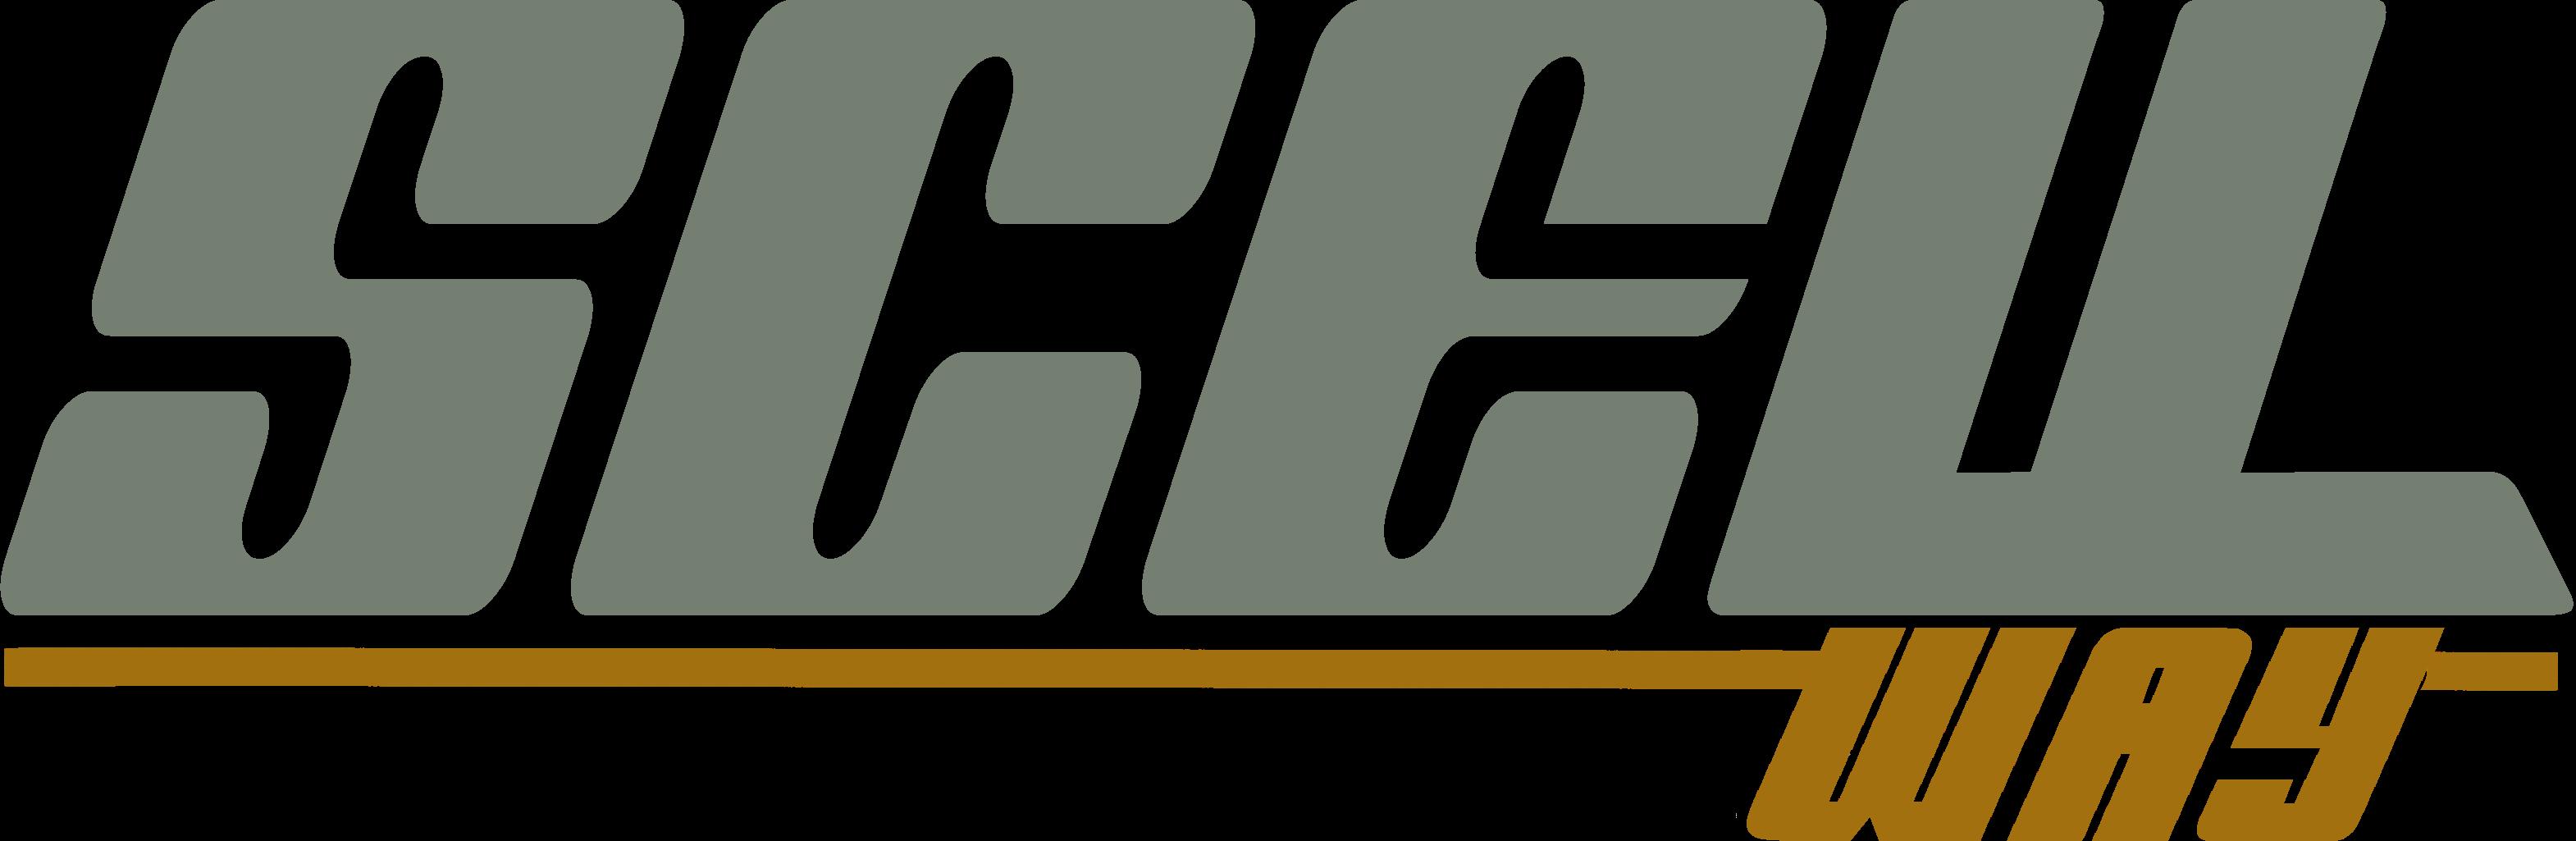 logo_SCELL way